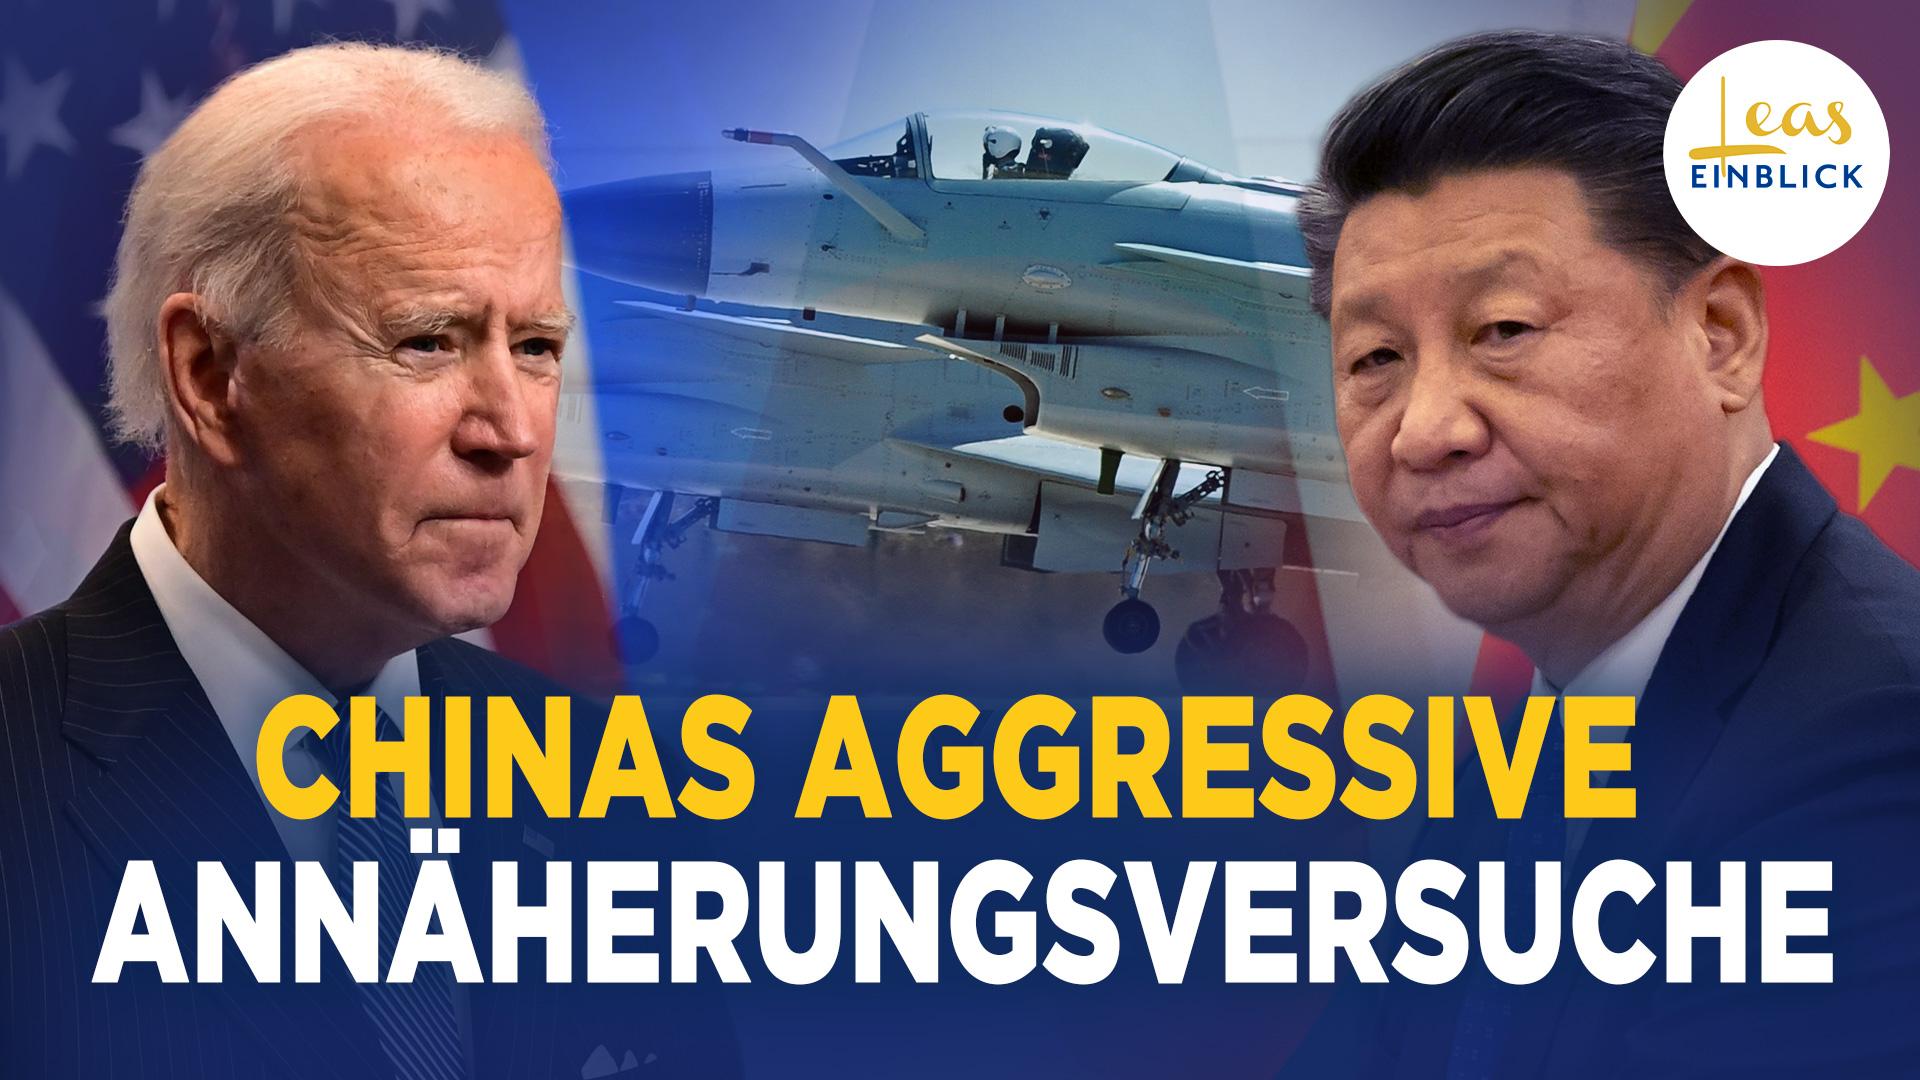 Wird es einen Kurswechsel in der US-Chinapolitik geben?